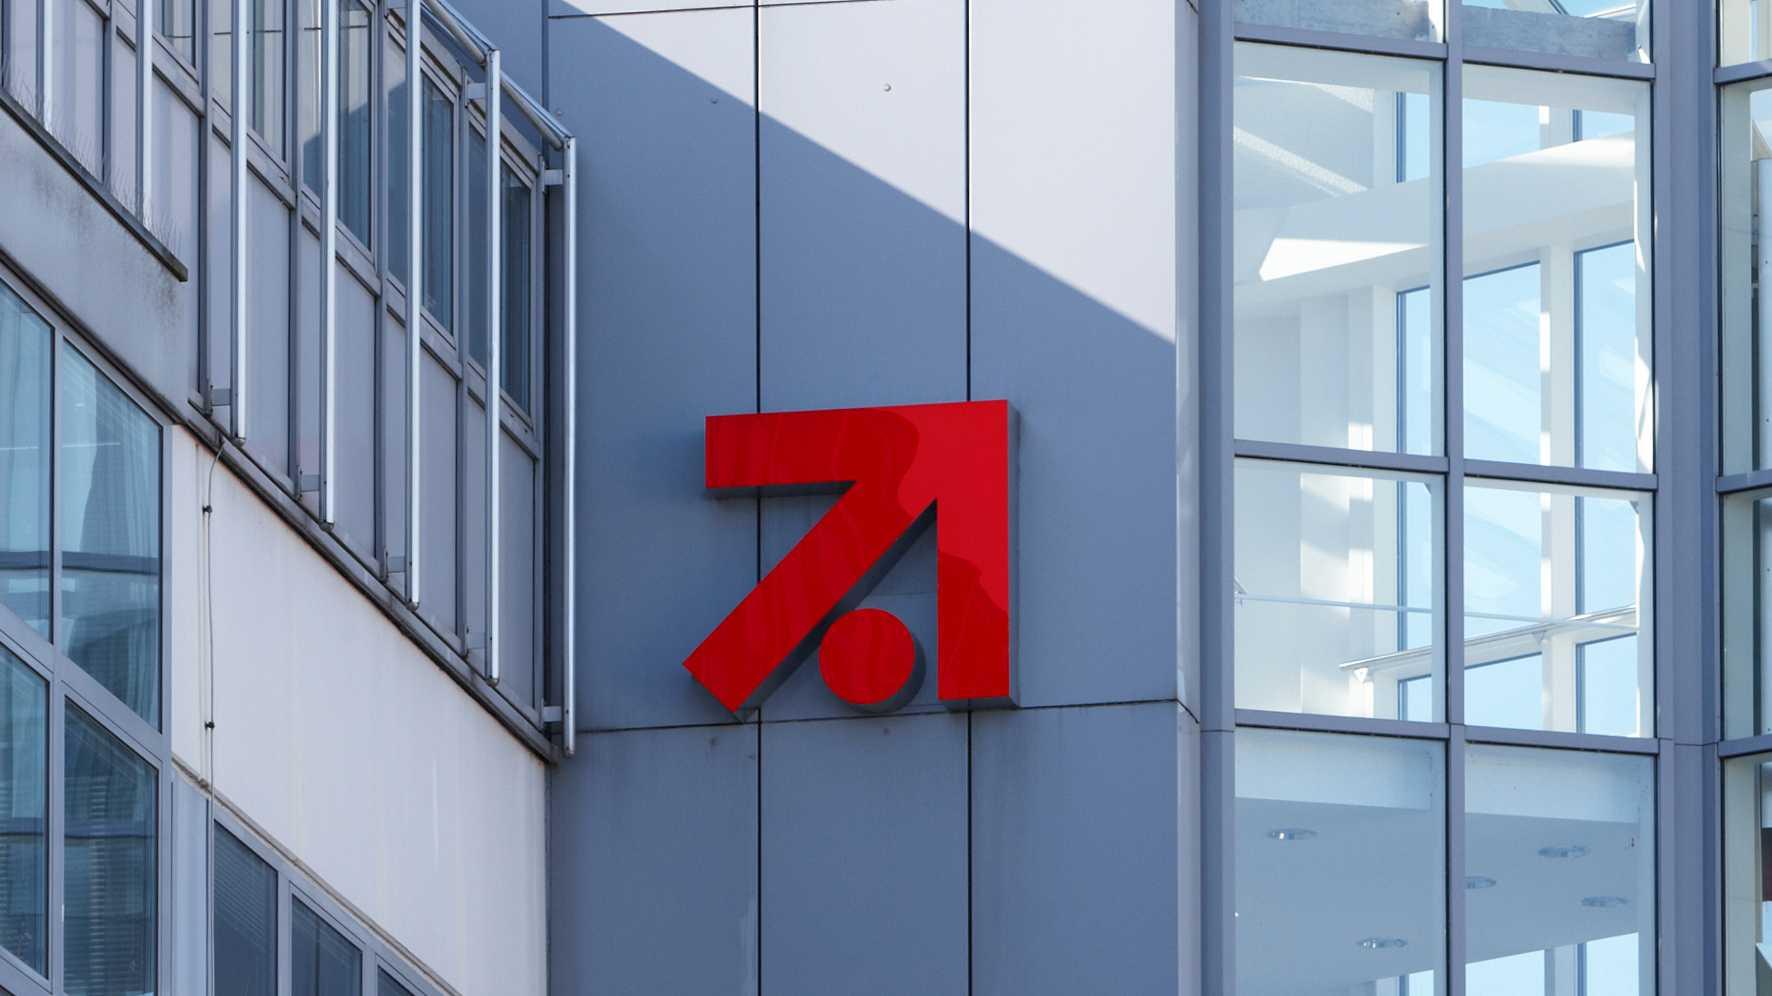 UHD-Fernsehen: ProSiebenSat.1 zeigt Inhalte in 4K und HDR